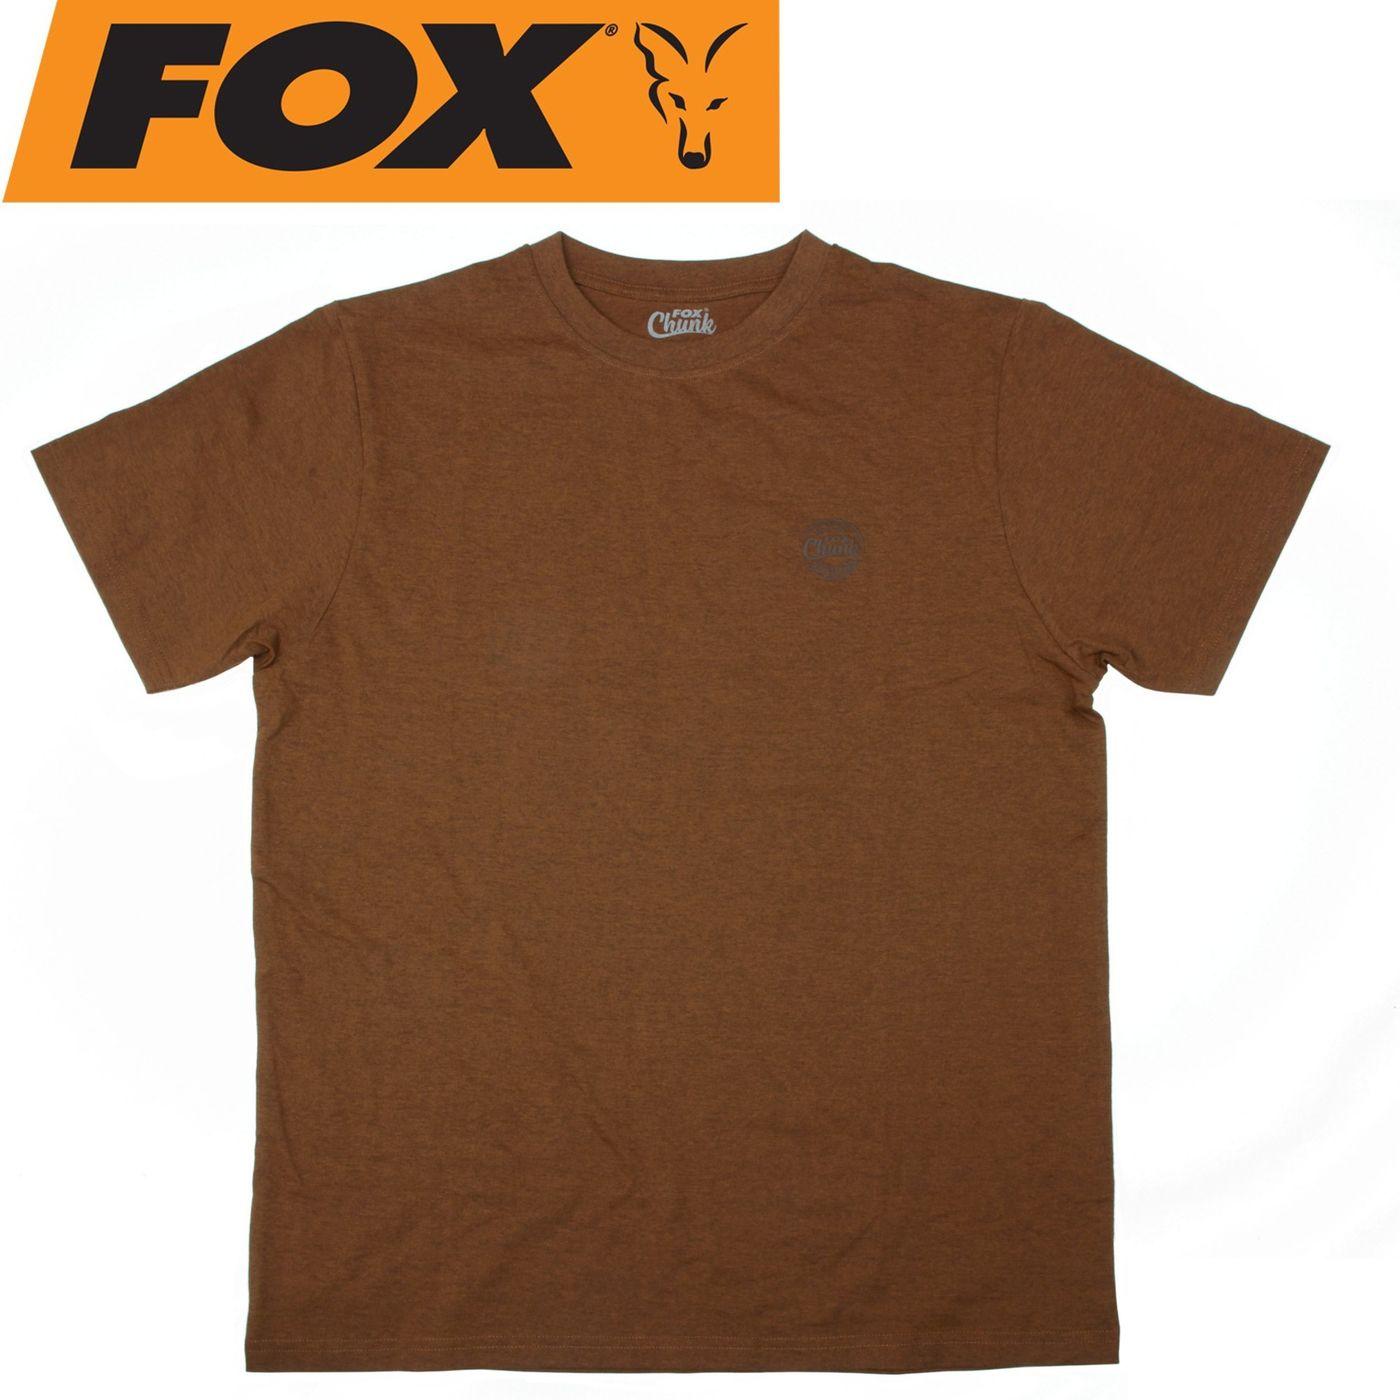 Carp Killers Tshirt grün T-Shirt fürs Karpfenangeln Angelbekleidung